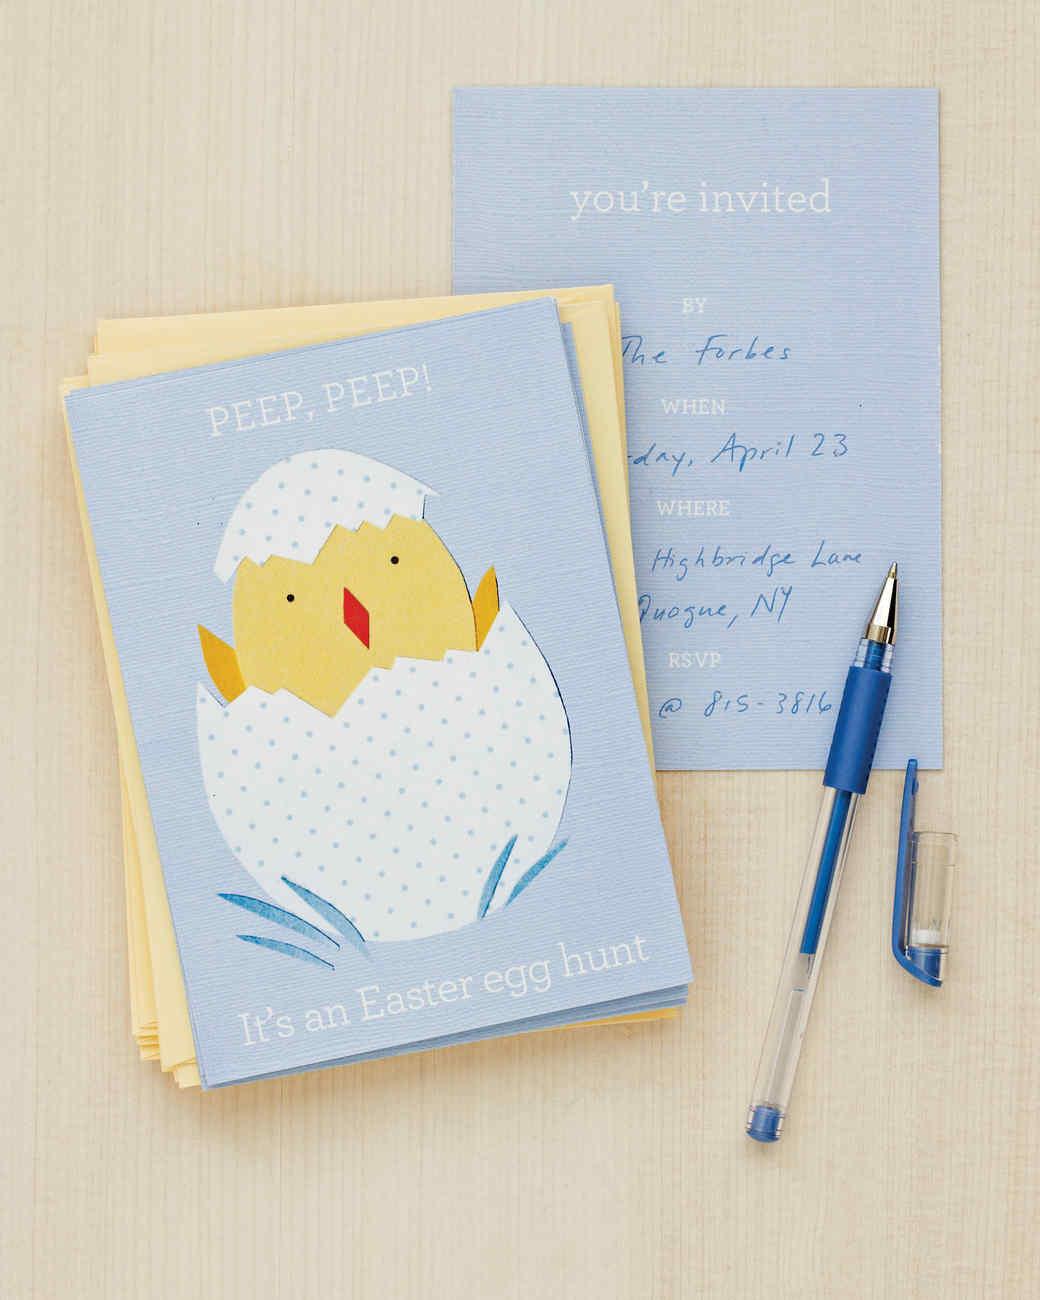 mld107026_0411_egghunt_card.jpg